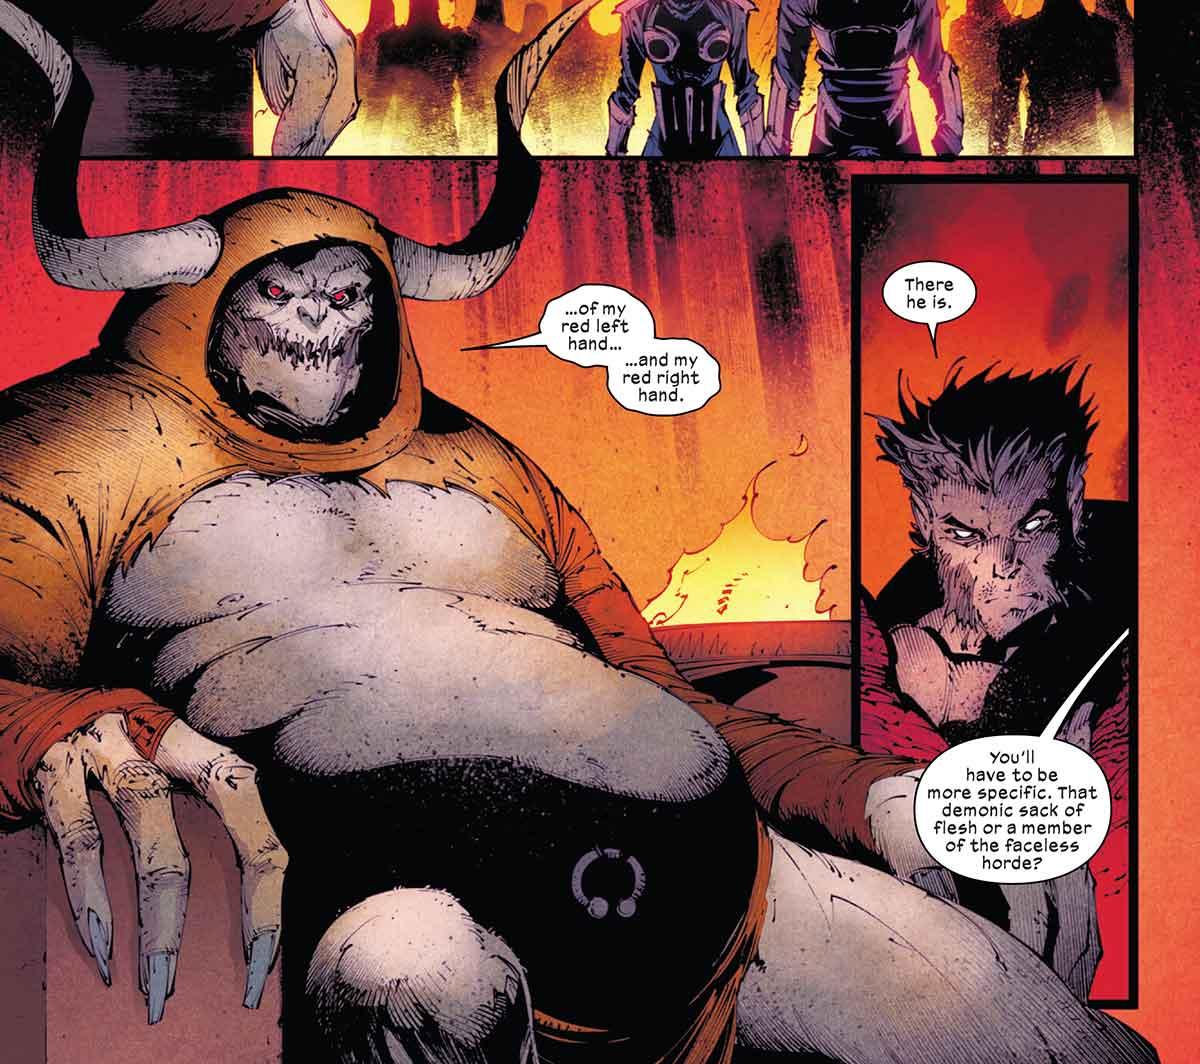 Cuando Wolverine se dirige al infierno en busca de la espada de Muramasa se encuentra que un viejo enemigo de Daredevil bloquea su camino.